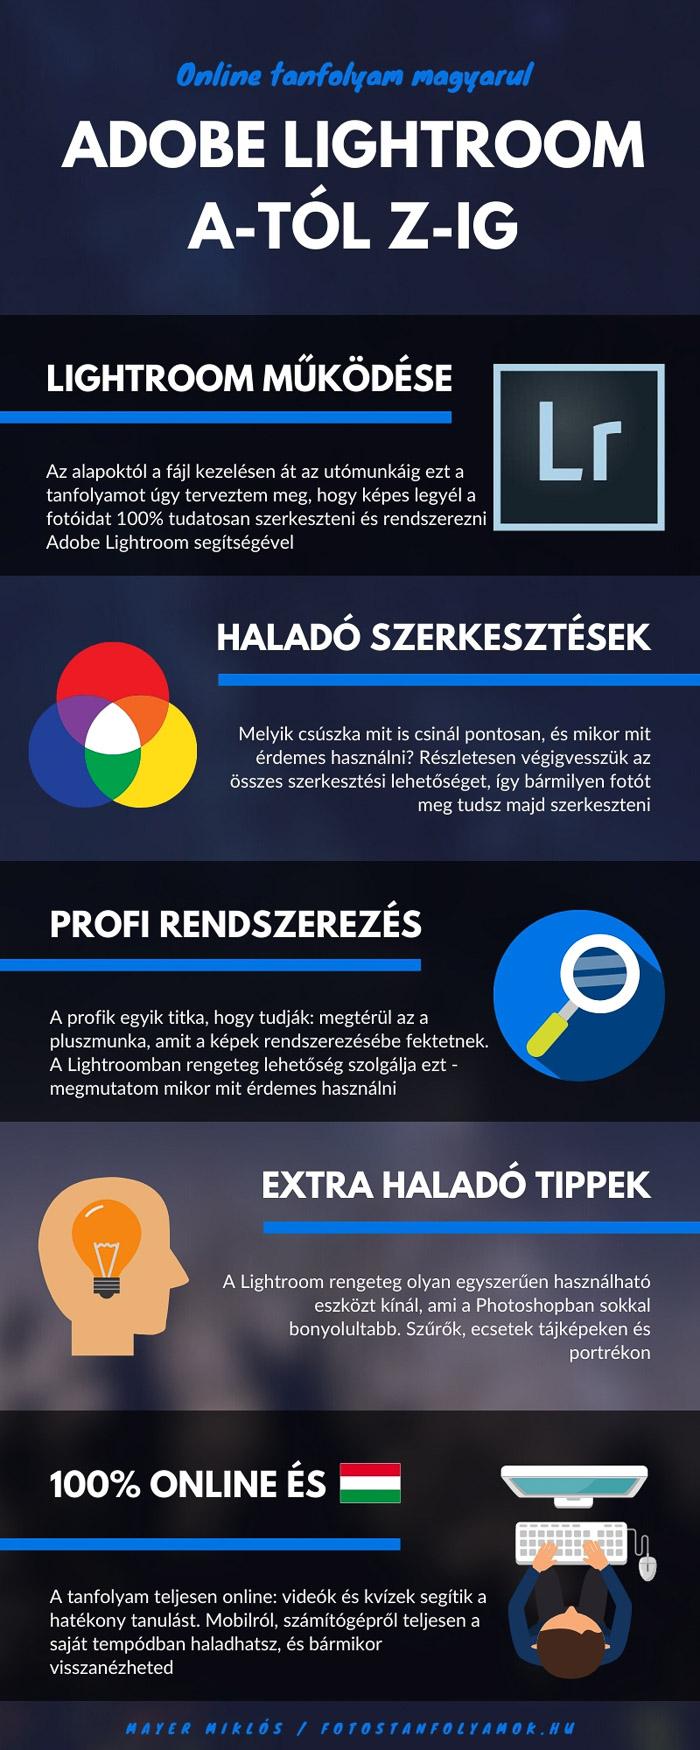 magyar online adobe lightroom tanfolyam